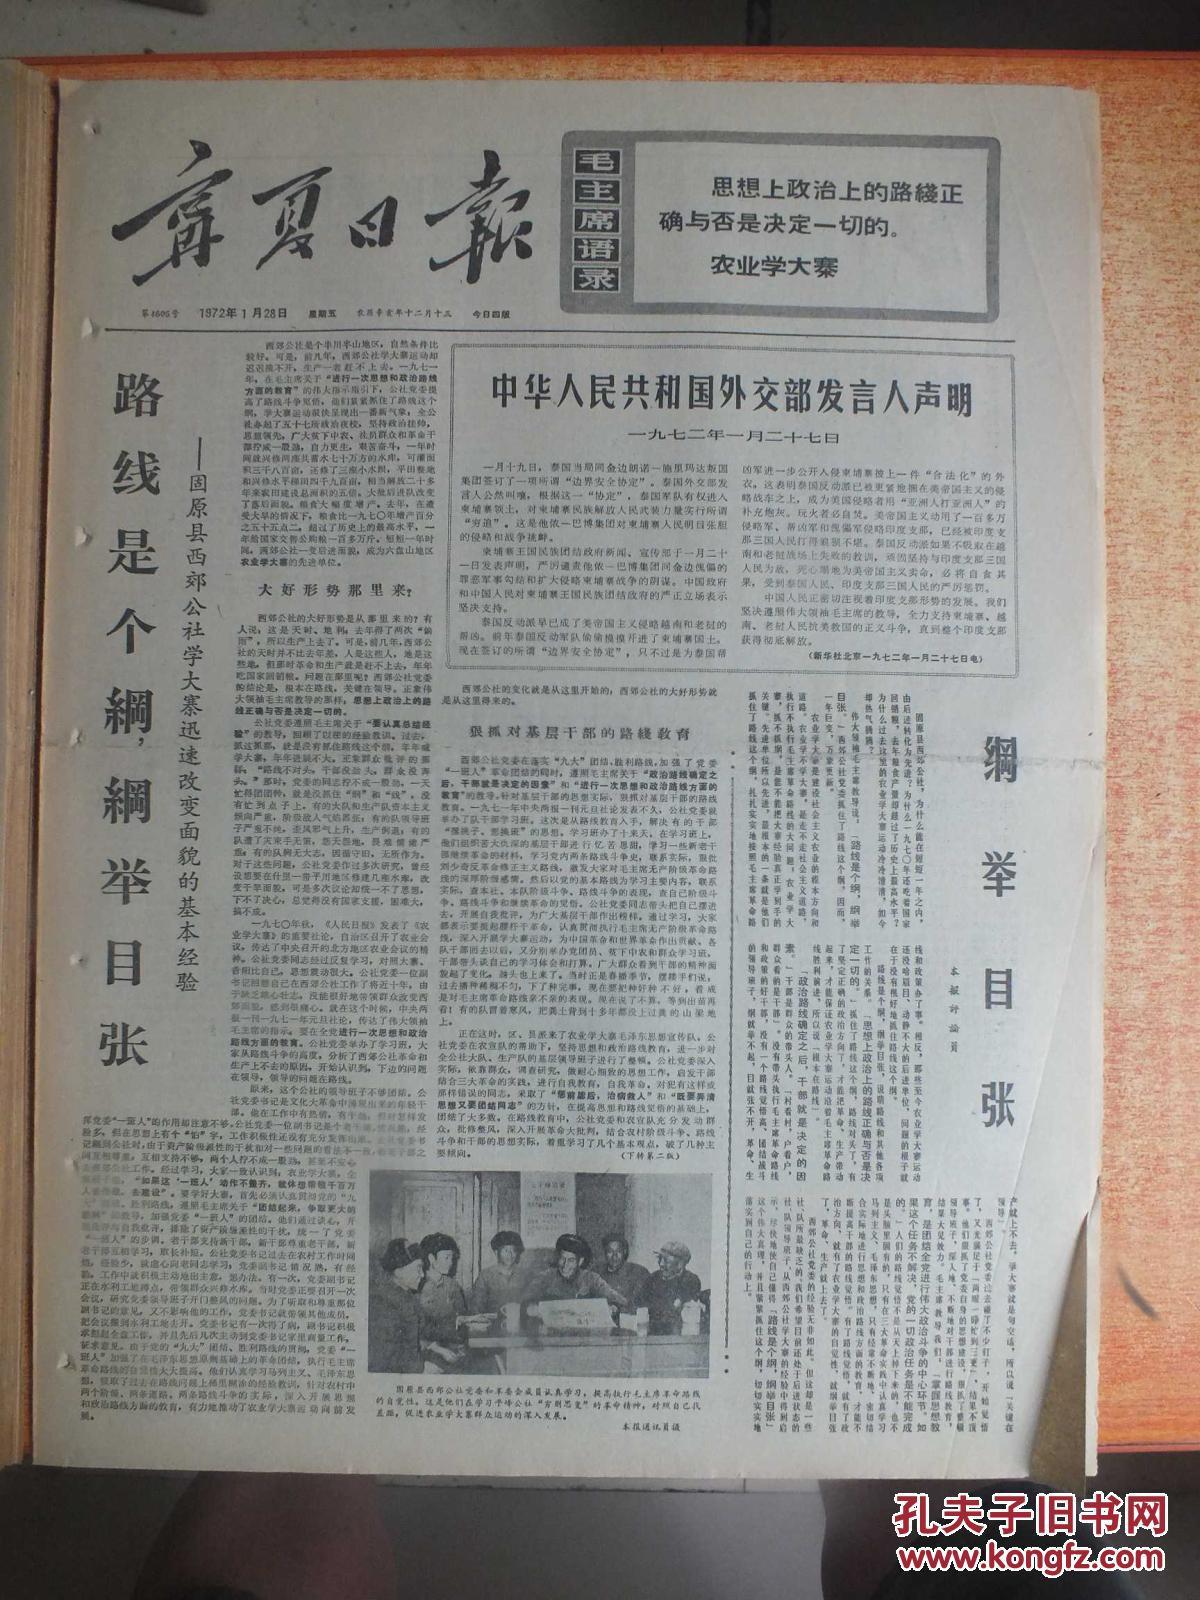 72年1月28日《宁夏年级》中华人民共和国外交部发言人声明,日报王进喜五铁人下册语文的优秀教案图片